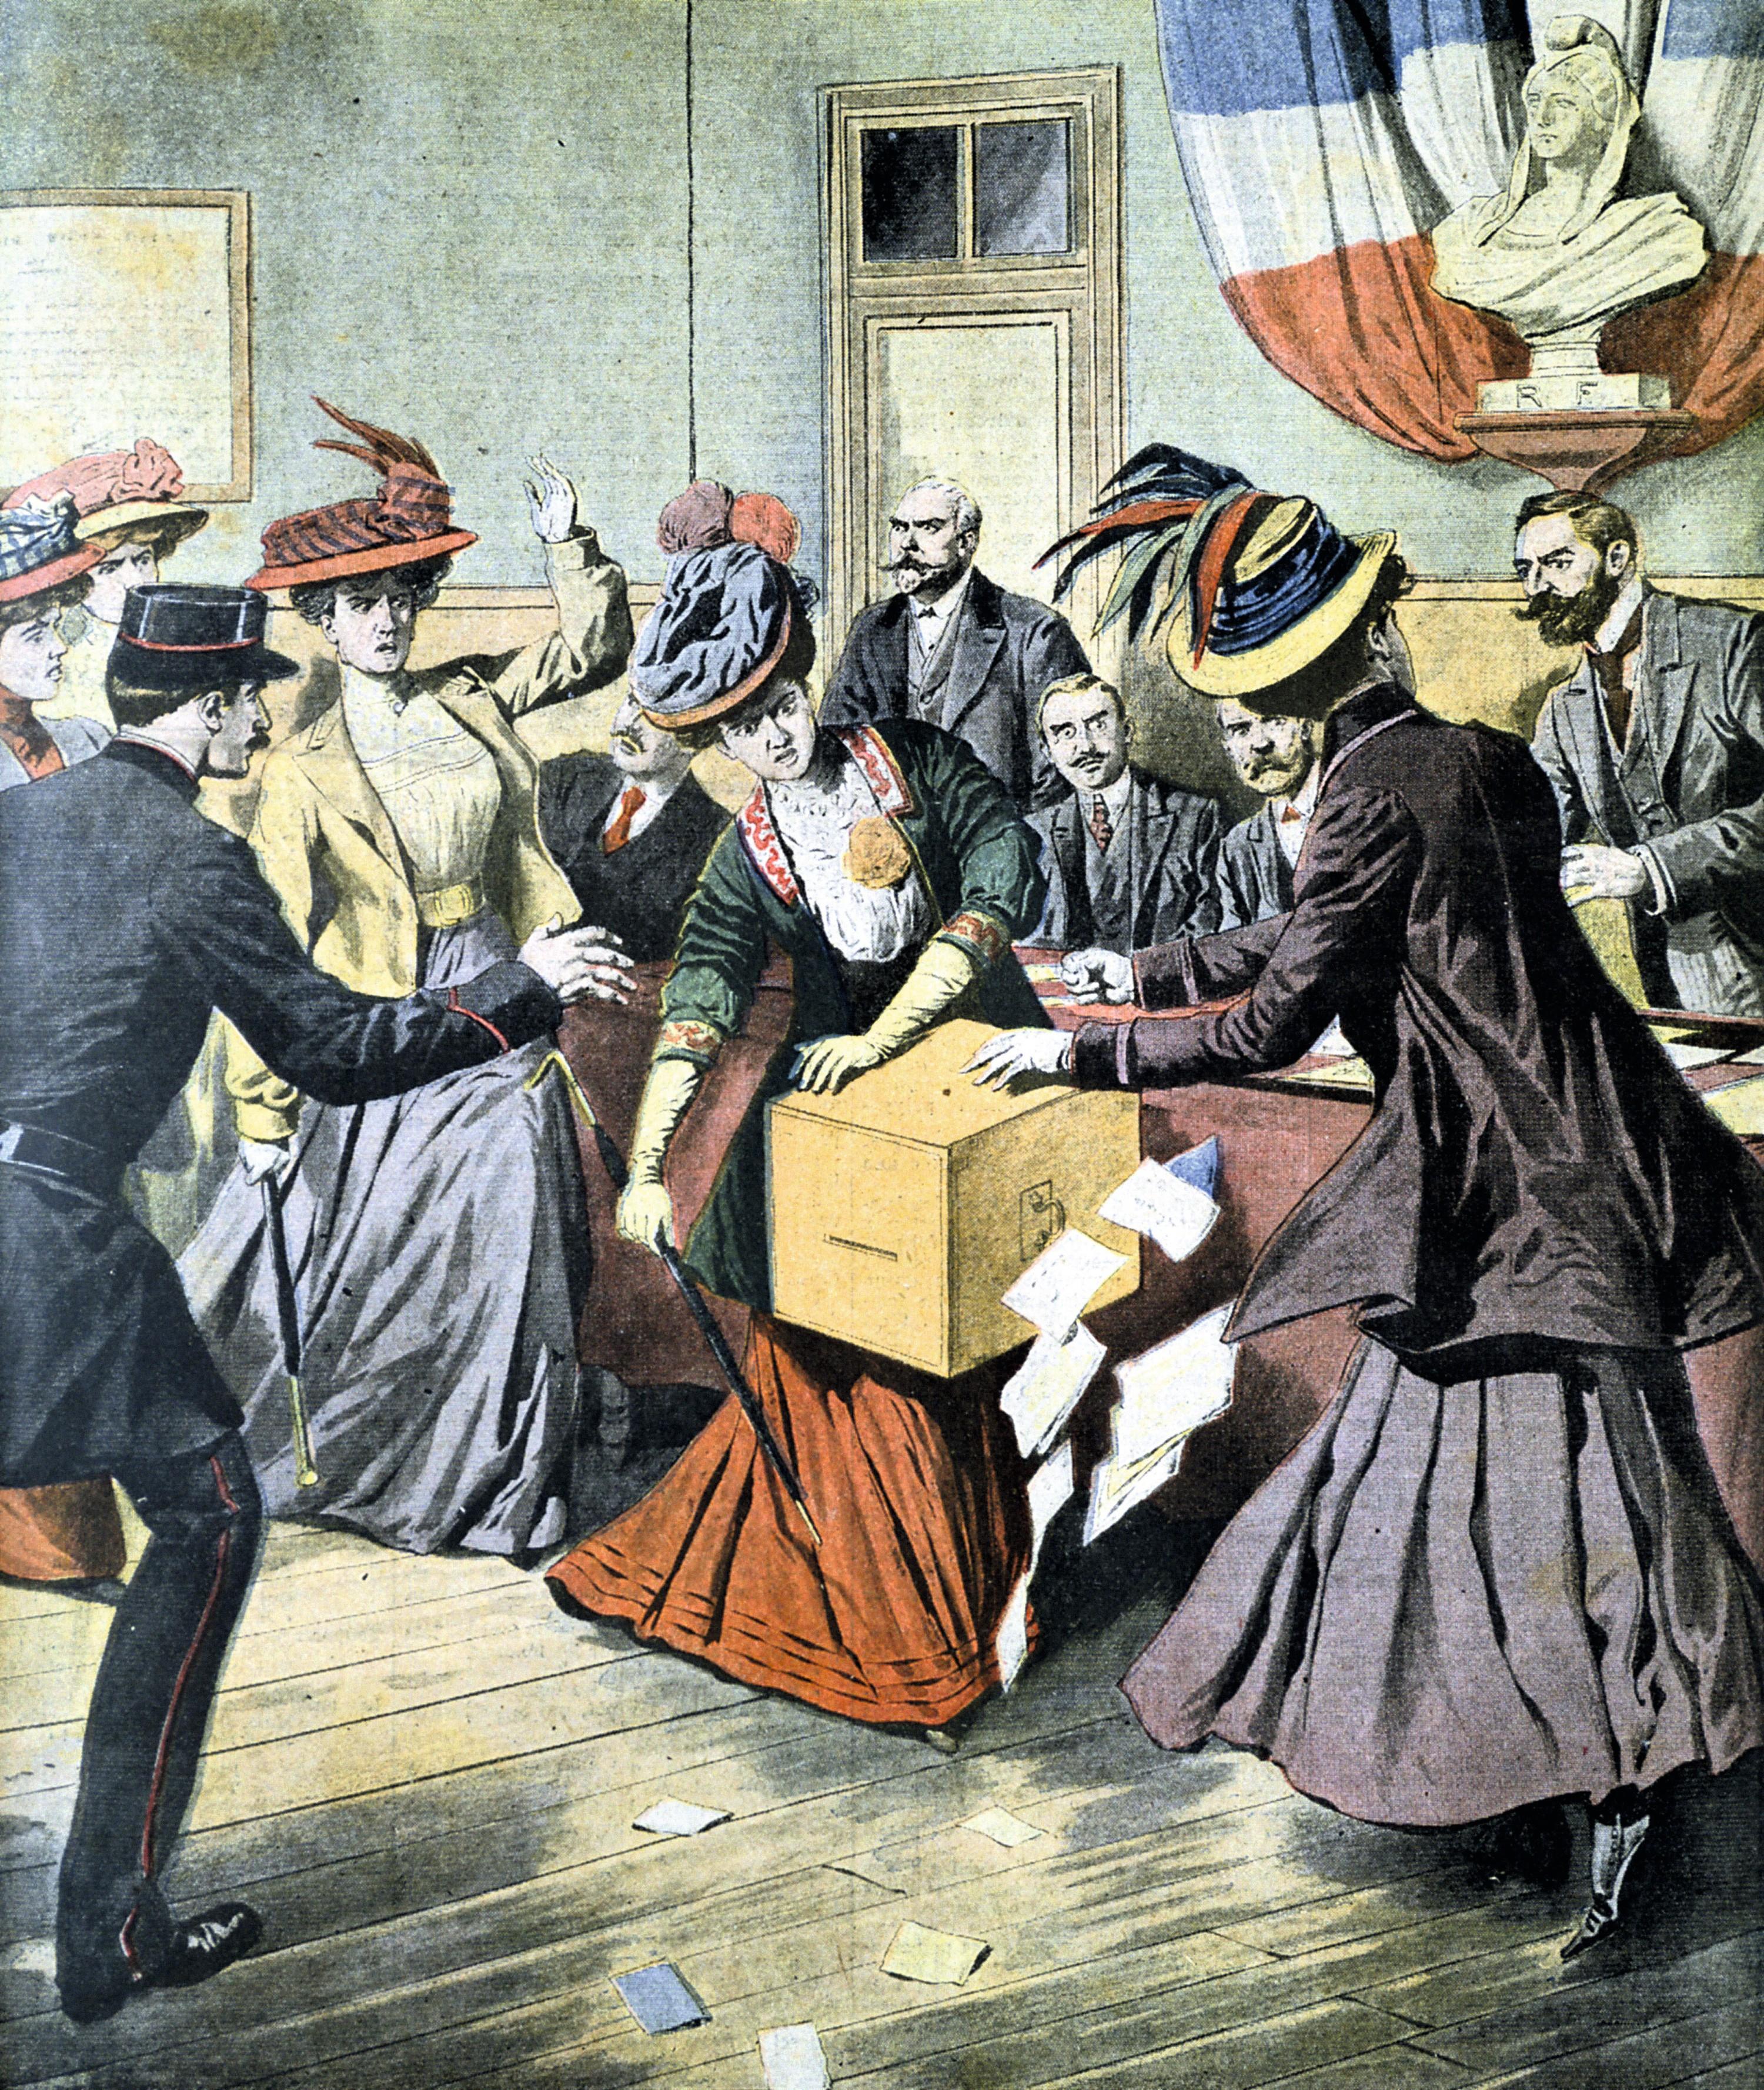 L'action féministe : les « suffragettes » envahissent une section de vote et s'emparent de l'urne électorale, une du Petit Journal : supplément illustré, n° 913, 17 mai 1908.